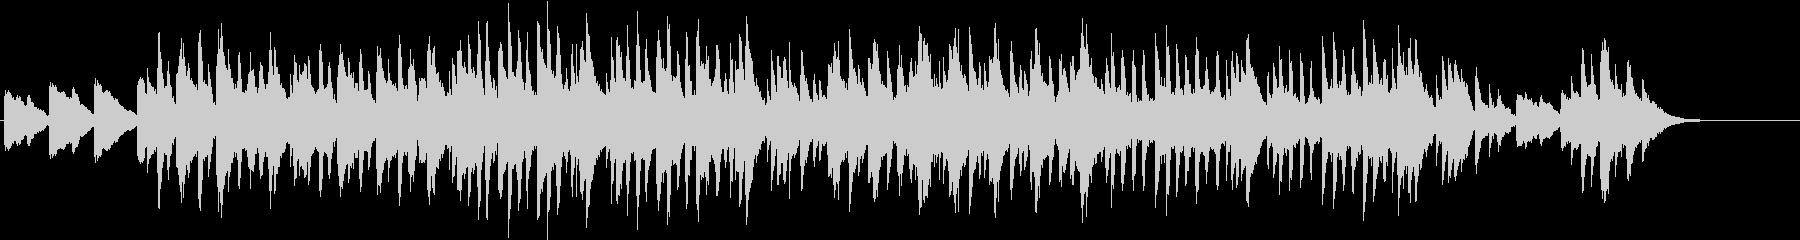 怪しげなピアノ  ルーマニア民俗舞曲の未再生の波形